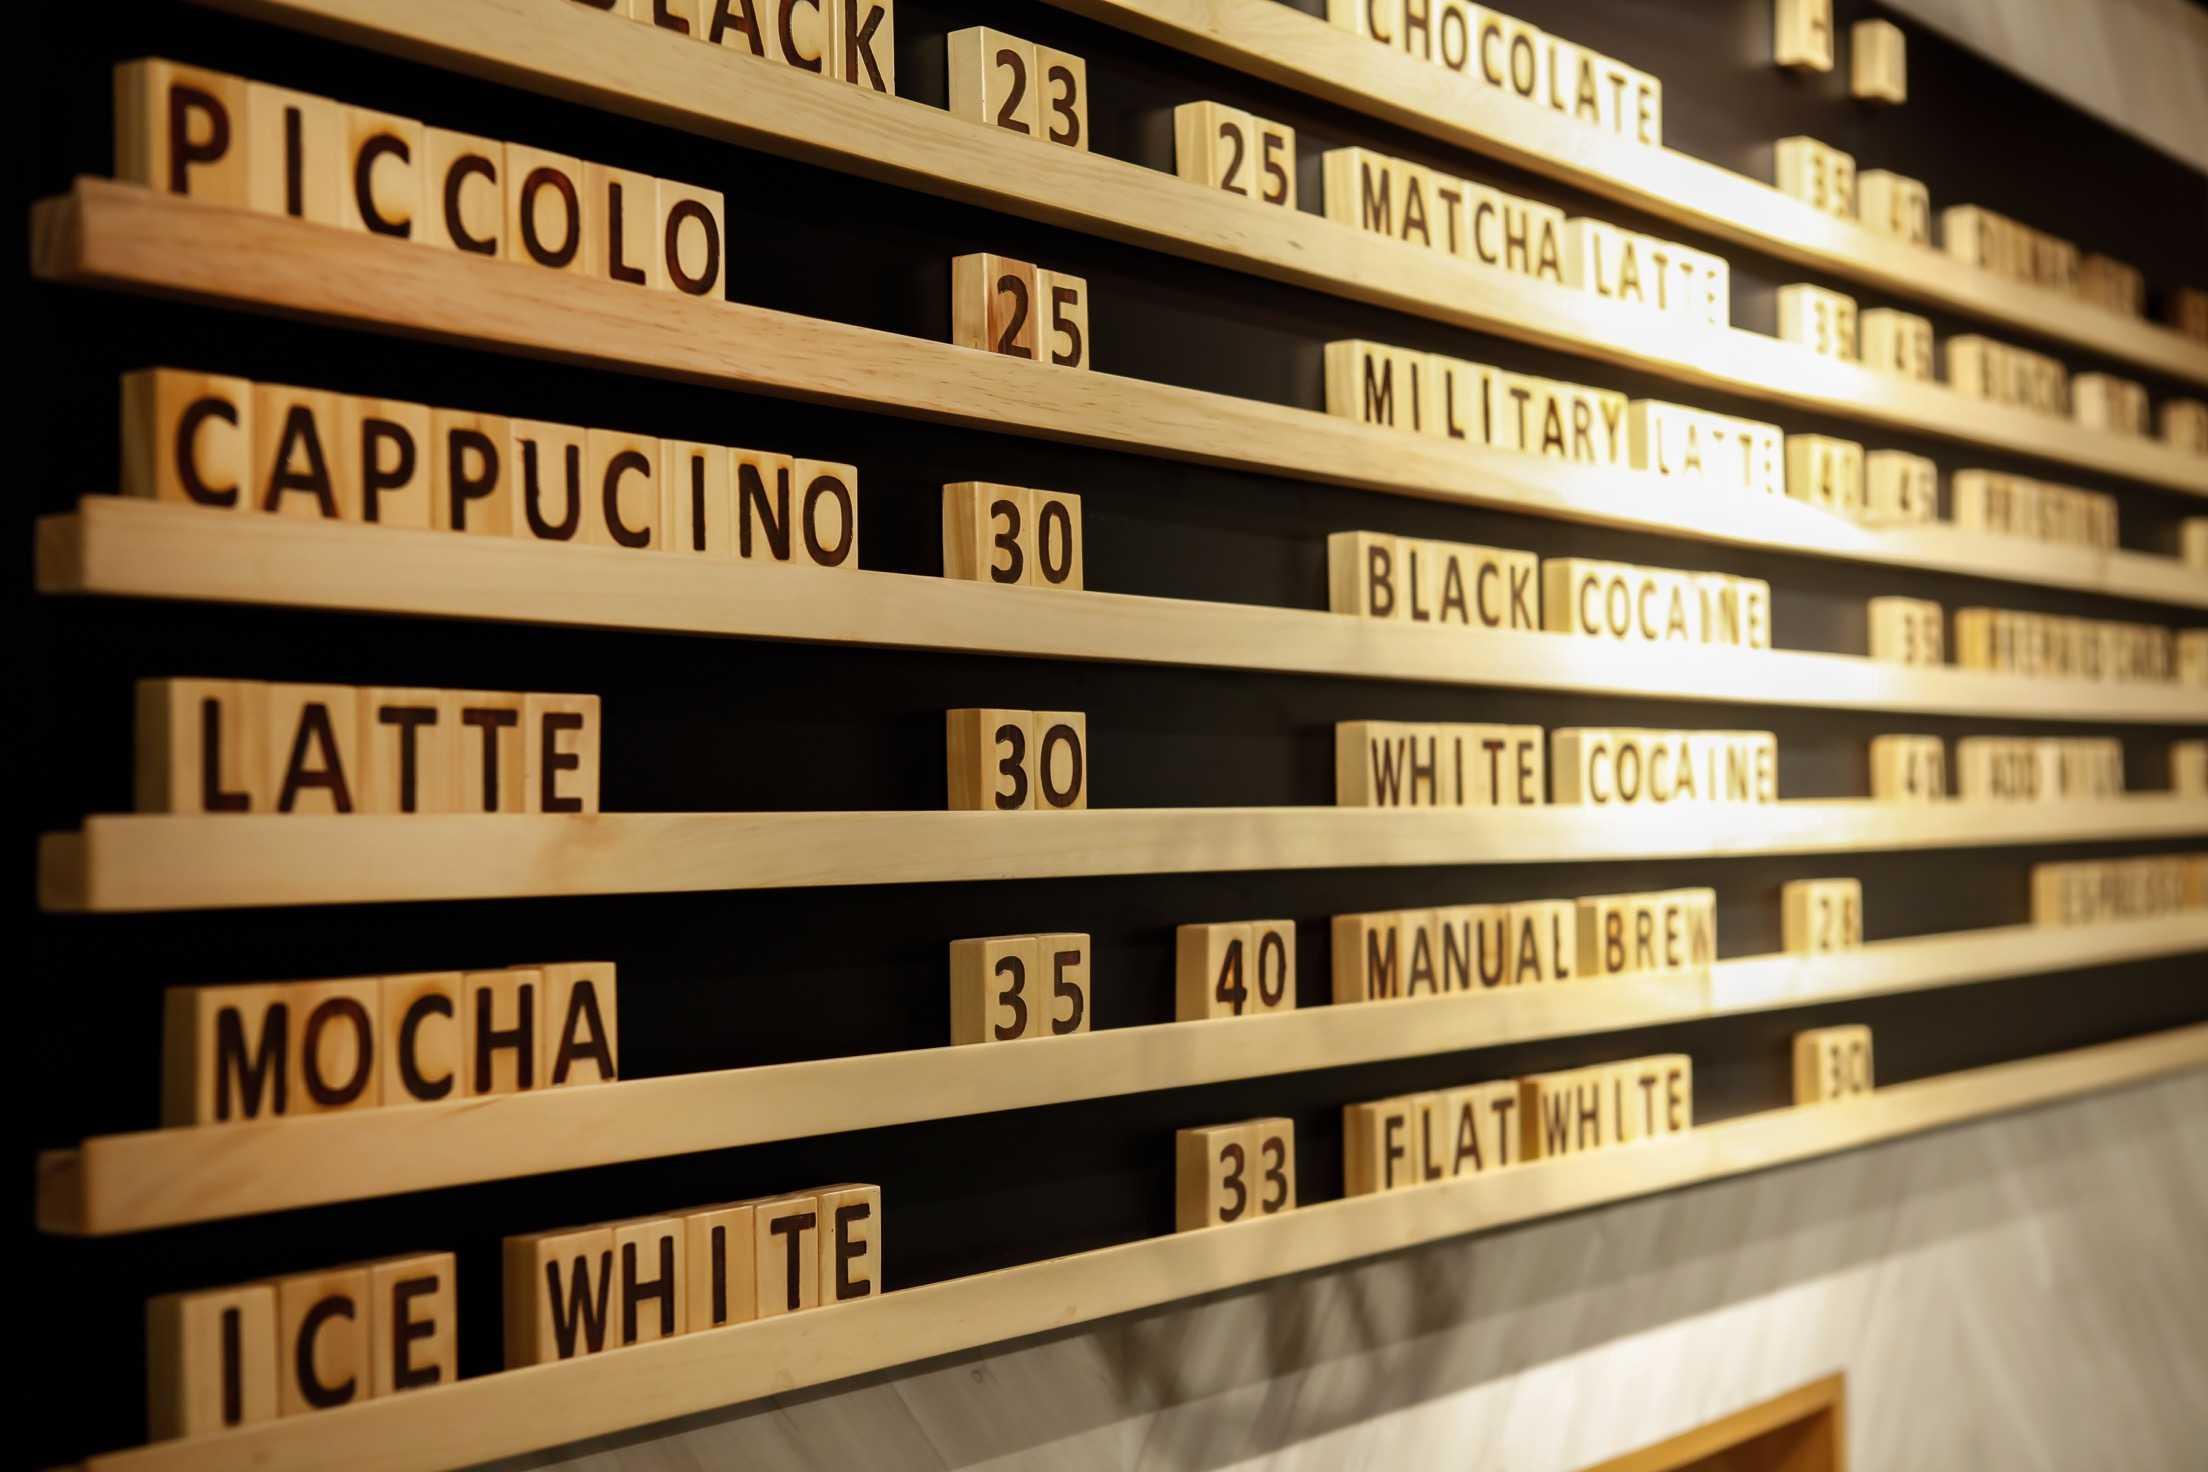 Einhaus Cart Coffee Sinarmas Land Plaza, Tower Ii, Jl. M.h. Thamrin No.51, Gondangdia, Menteng, Kota Jakarta Pusat, Daerah Khusus Ibukota Jakarta 10350, Indonesia Sinarmas Land Plaza, Tower Ii, Jl. M.h. Thamrin No.51, Gondangdia, Menteng, Kota Jakarta Pusat, Daerah Khusus Ibukota Jakarta 10350, Indonesia Einhaus-Cart-Coffee Kontemporer  55656